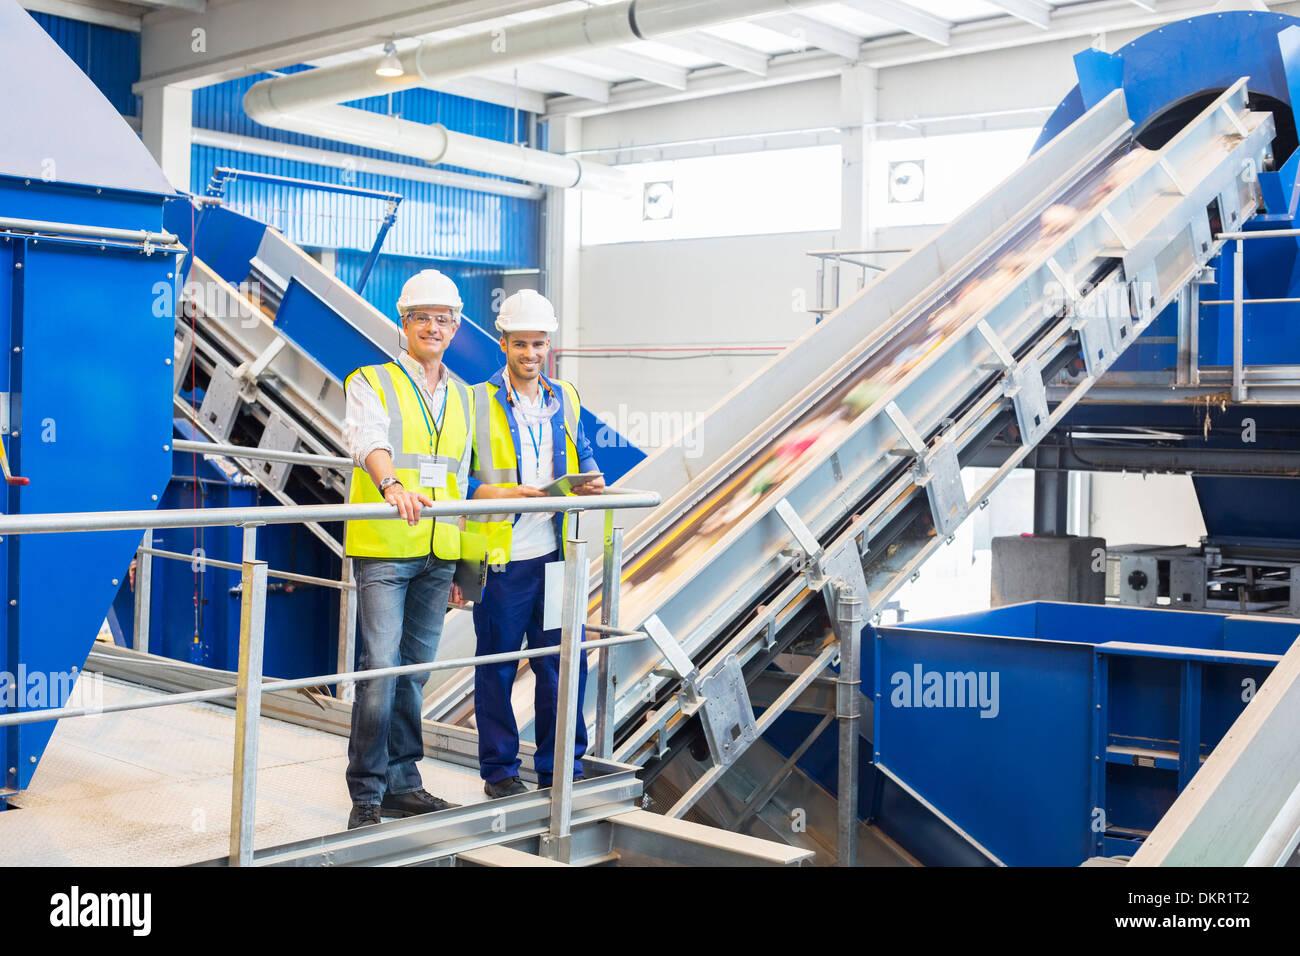 Lavoratori sorridente nel centro di riciclaggio Foto Stock